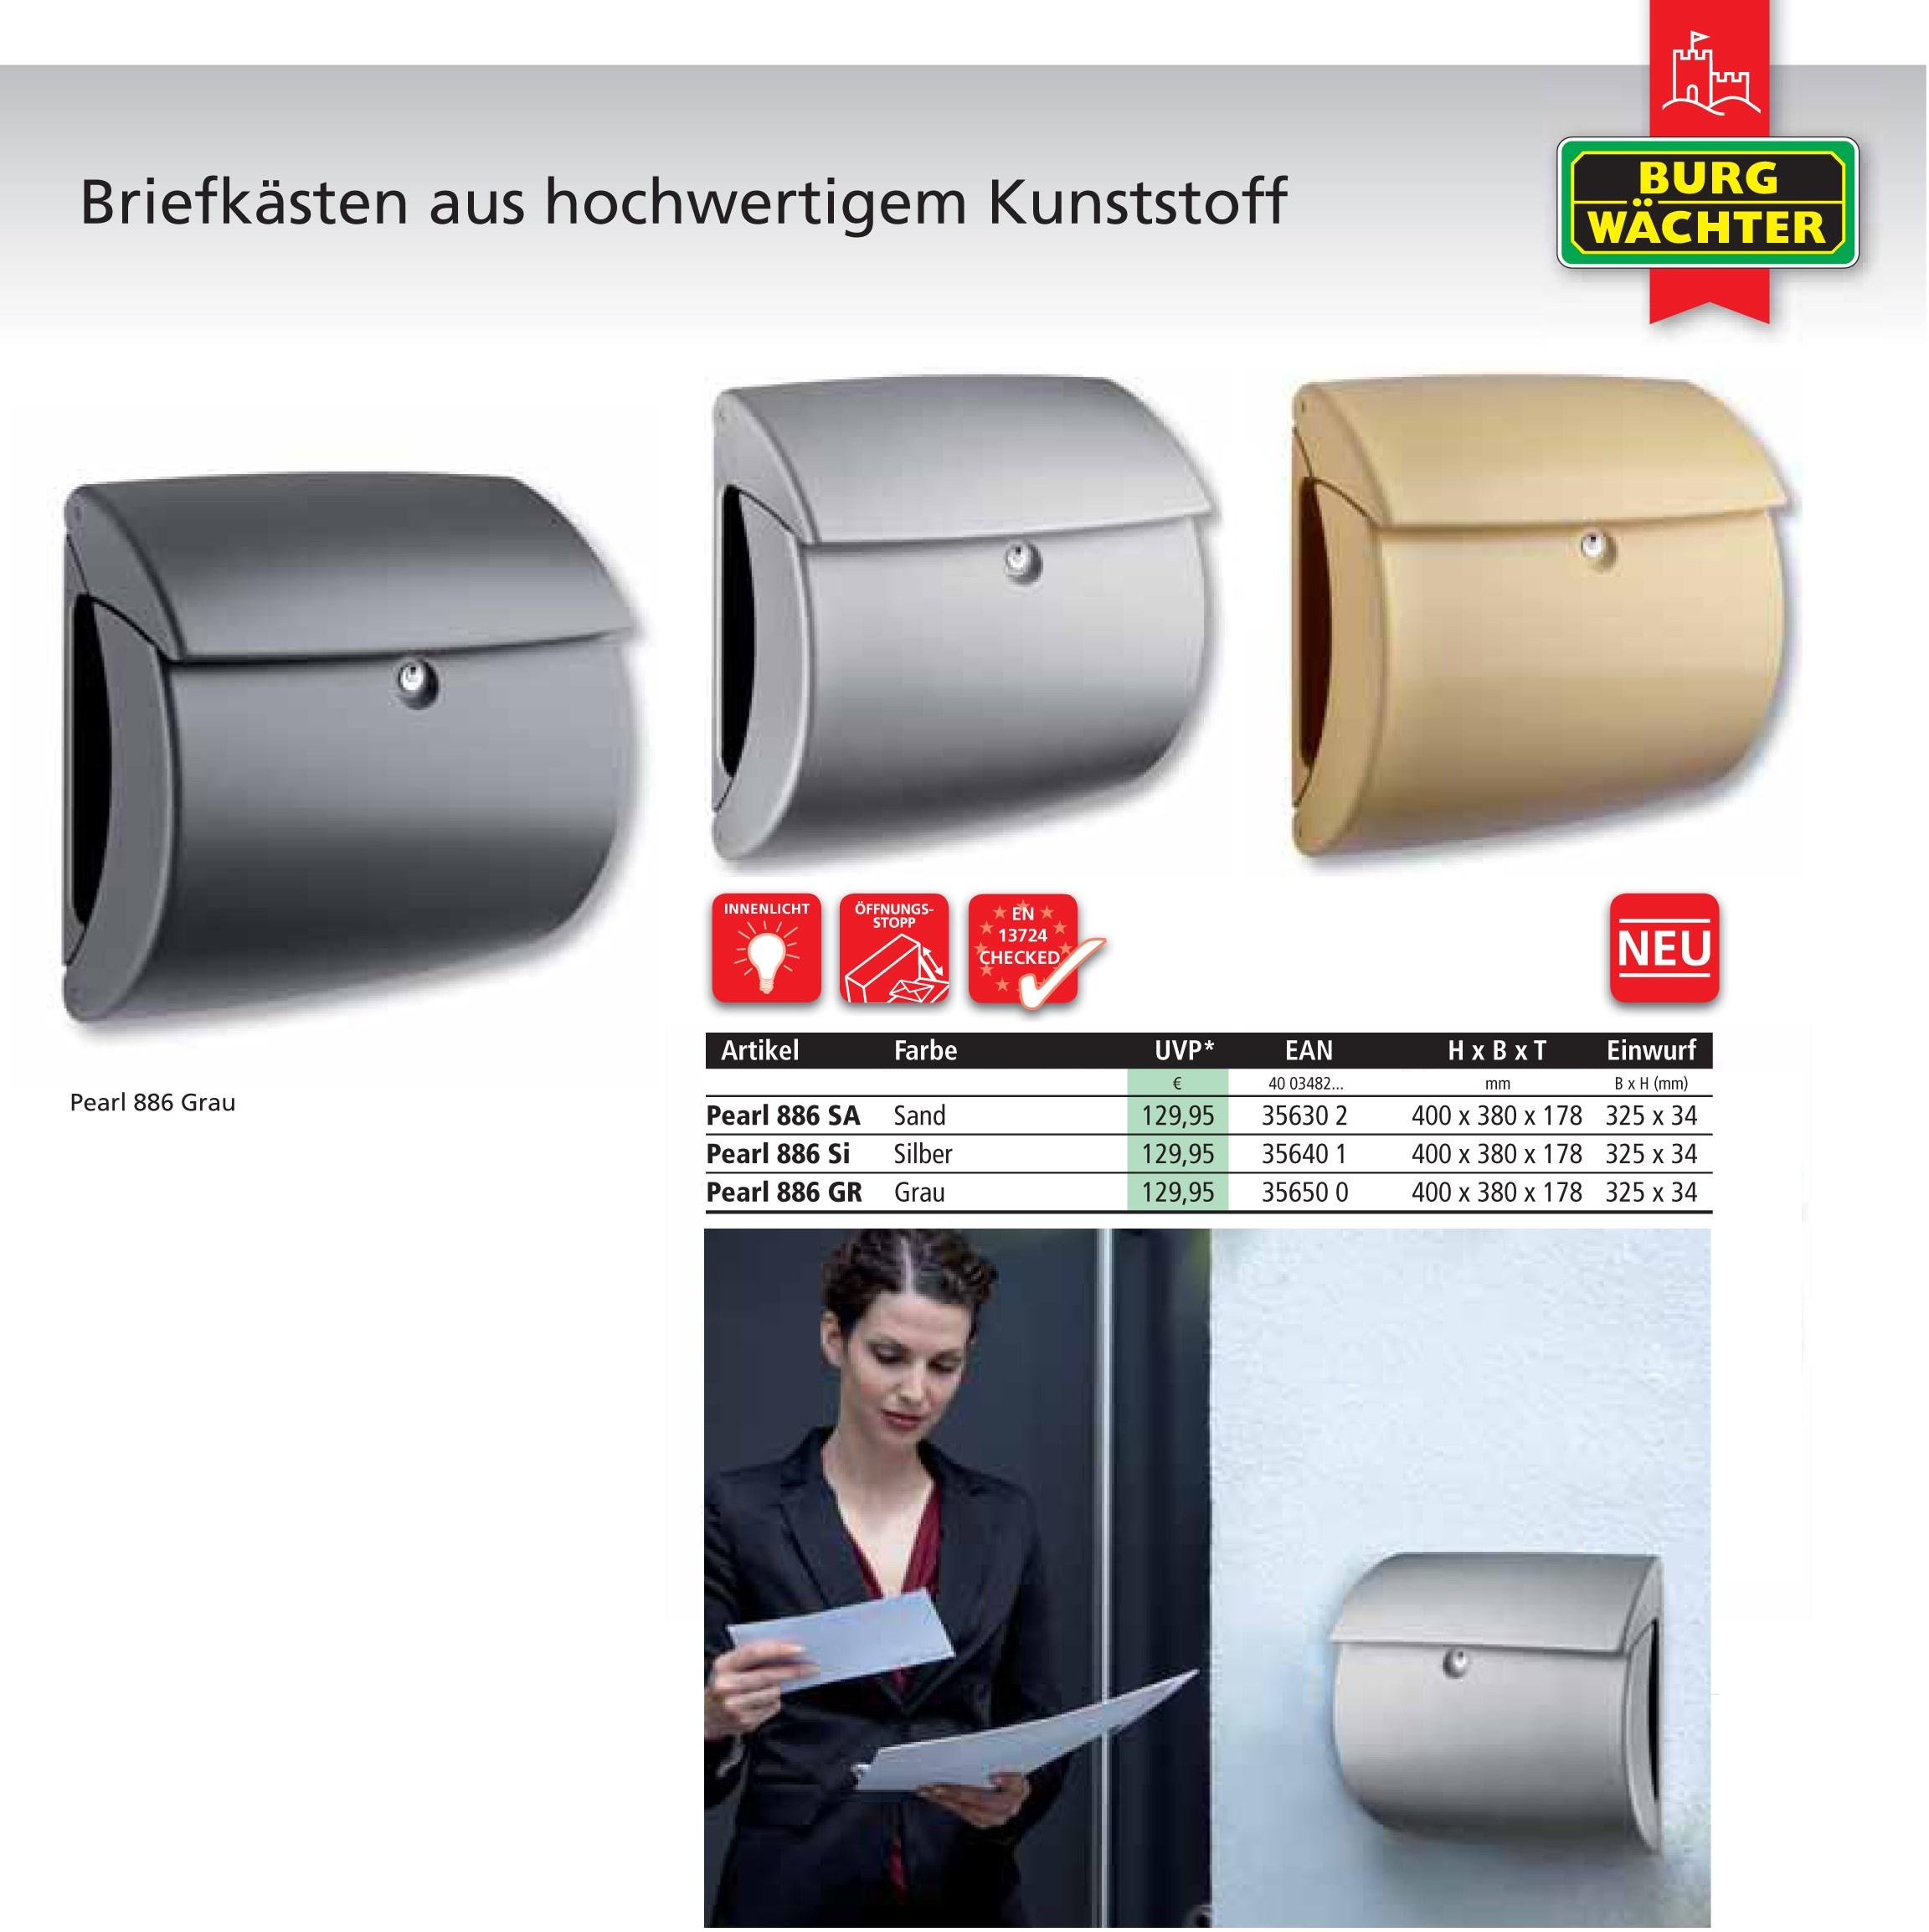 Berühmt Pearl BURG-WÄCHTER   Kunststoff-Briefkasten in Mattlack PZ74